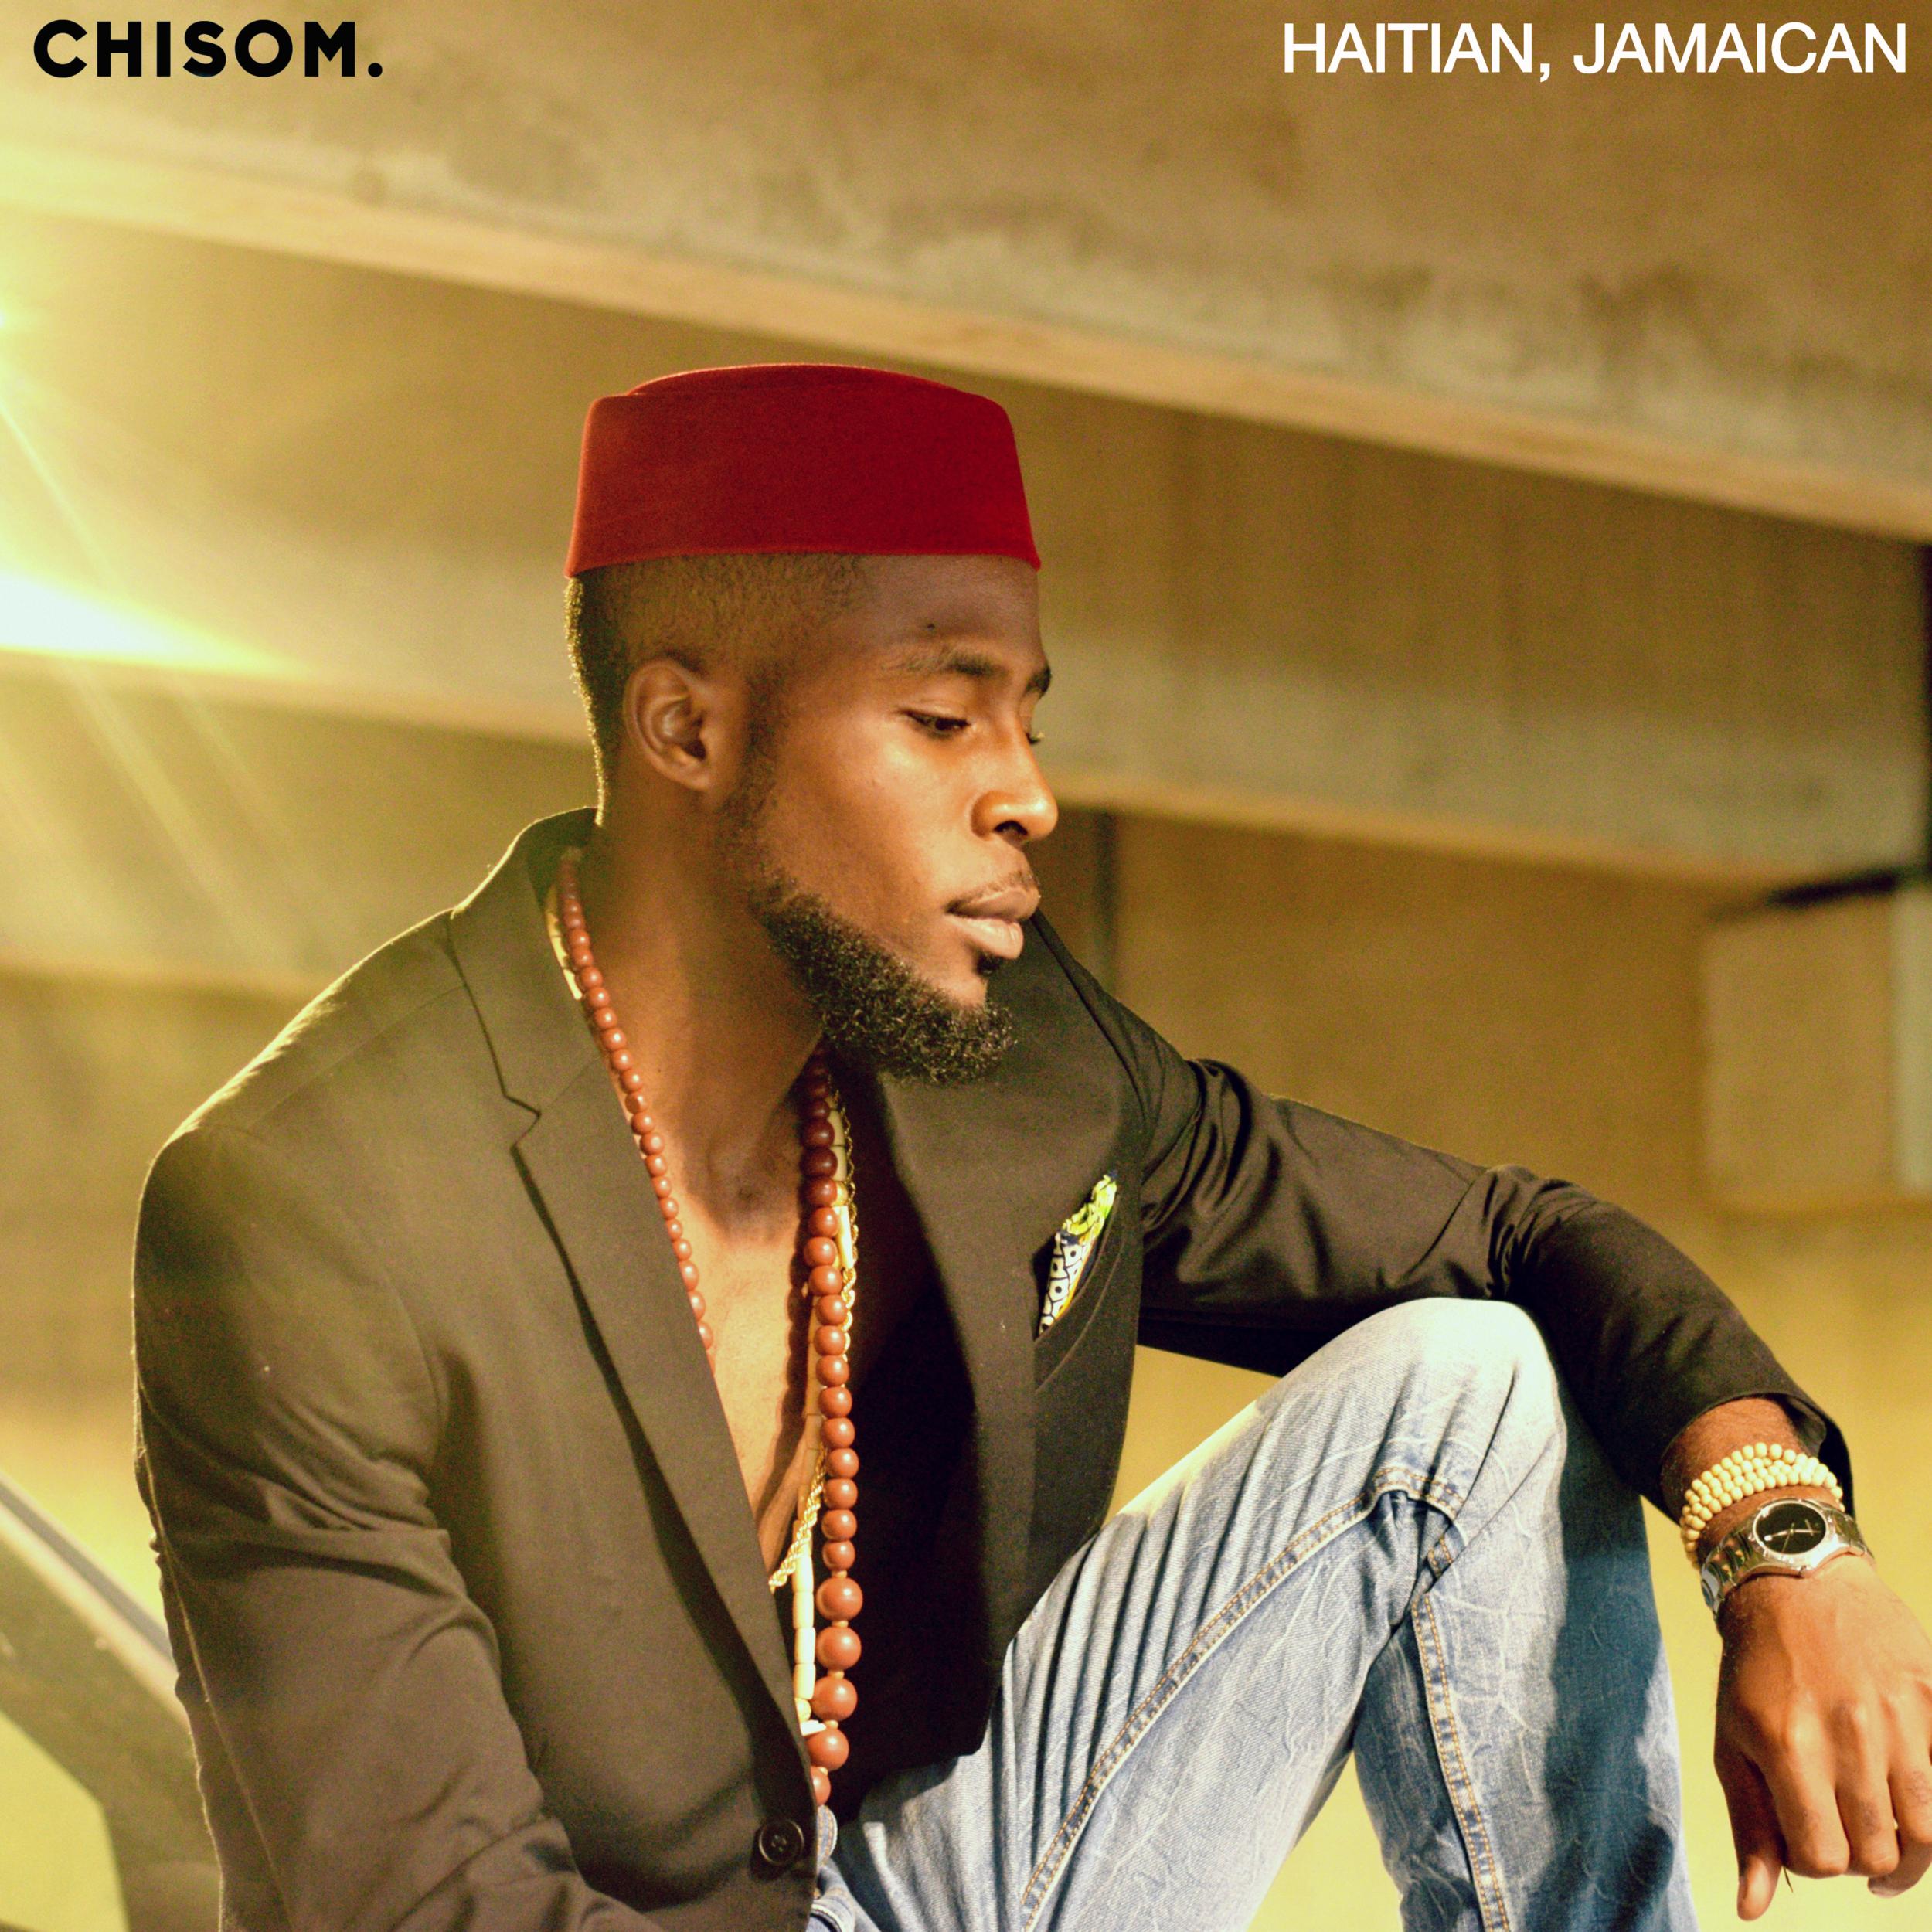 Haitian (Artwork).png